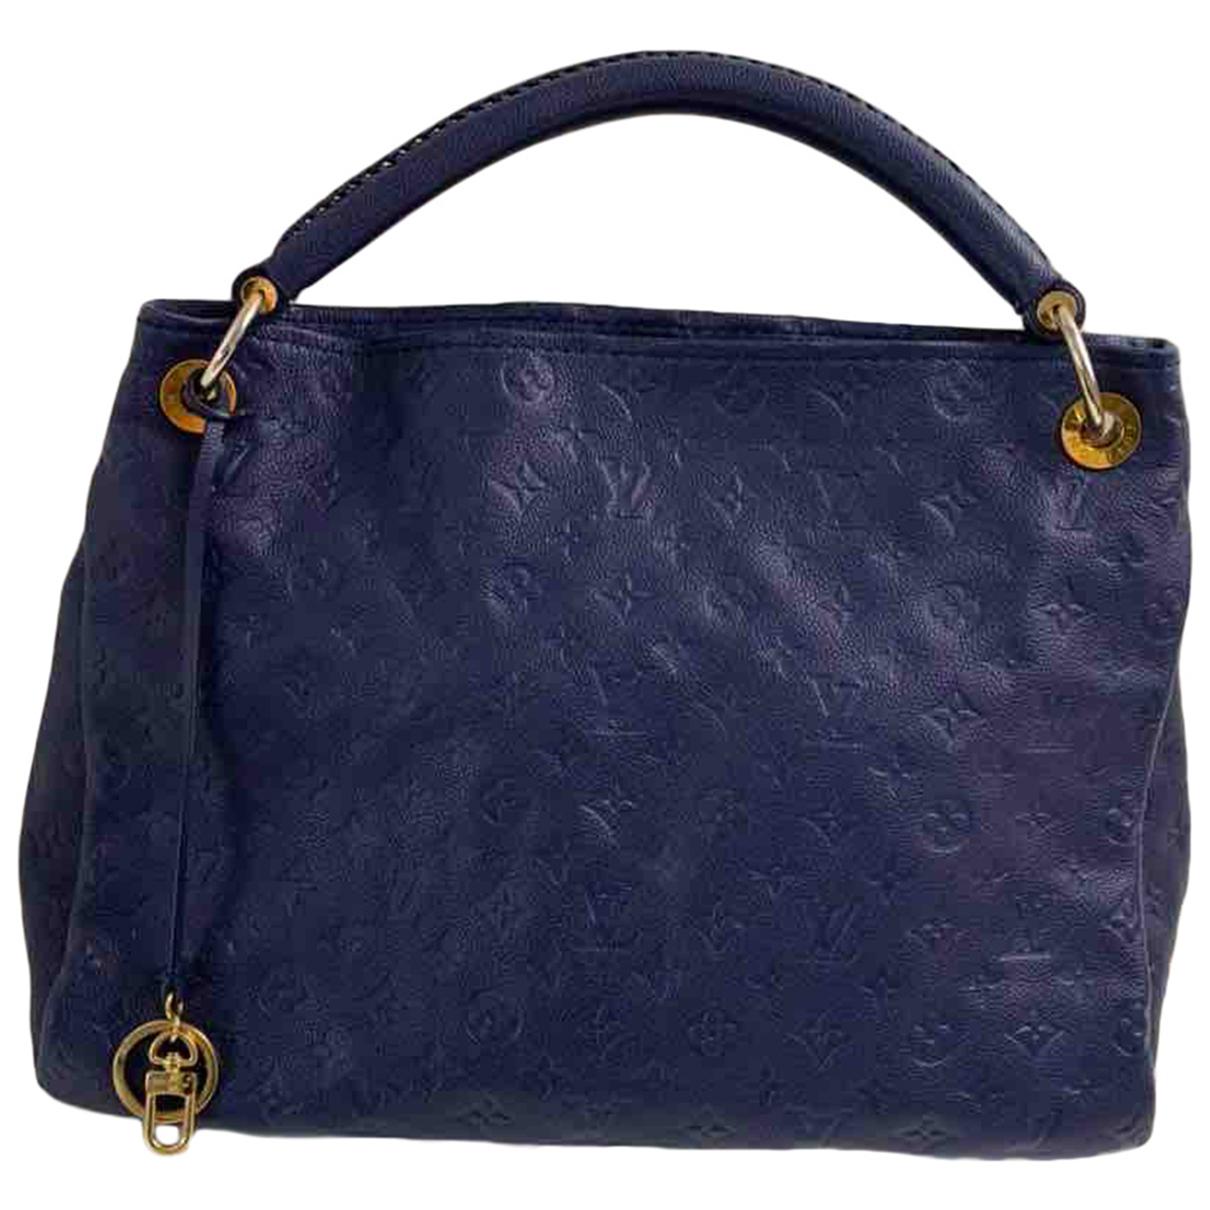 Louis Vuitton - Sac a main Artsy pour femme en cuir - bleu